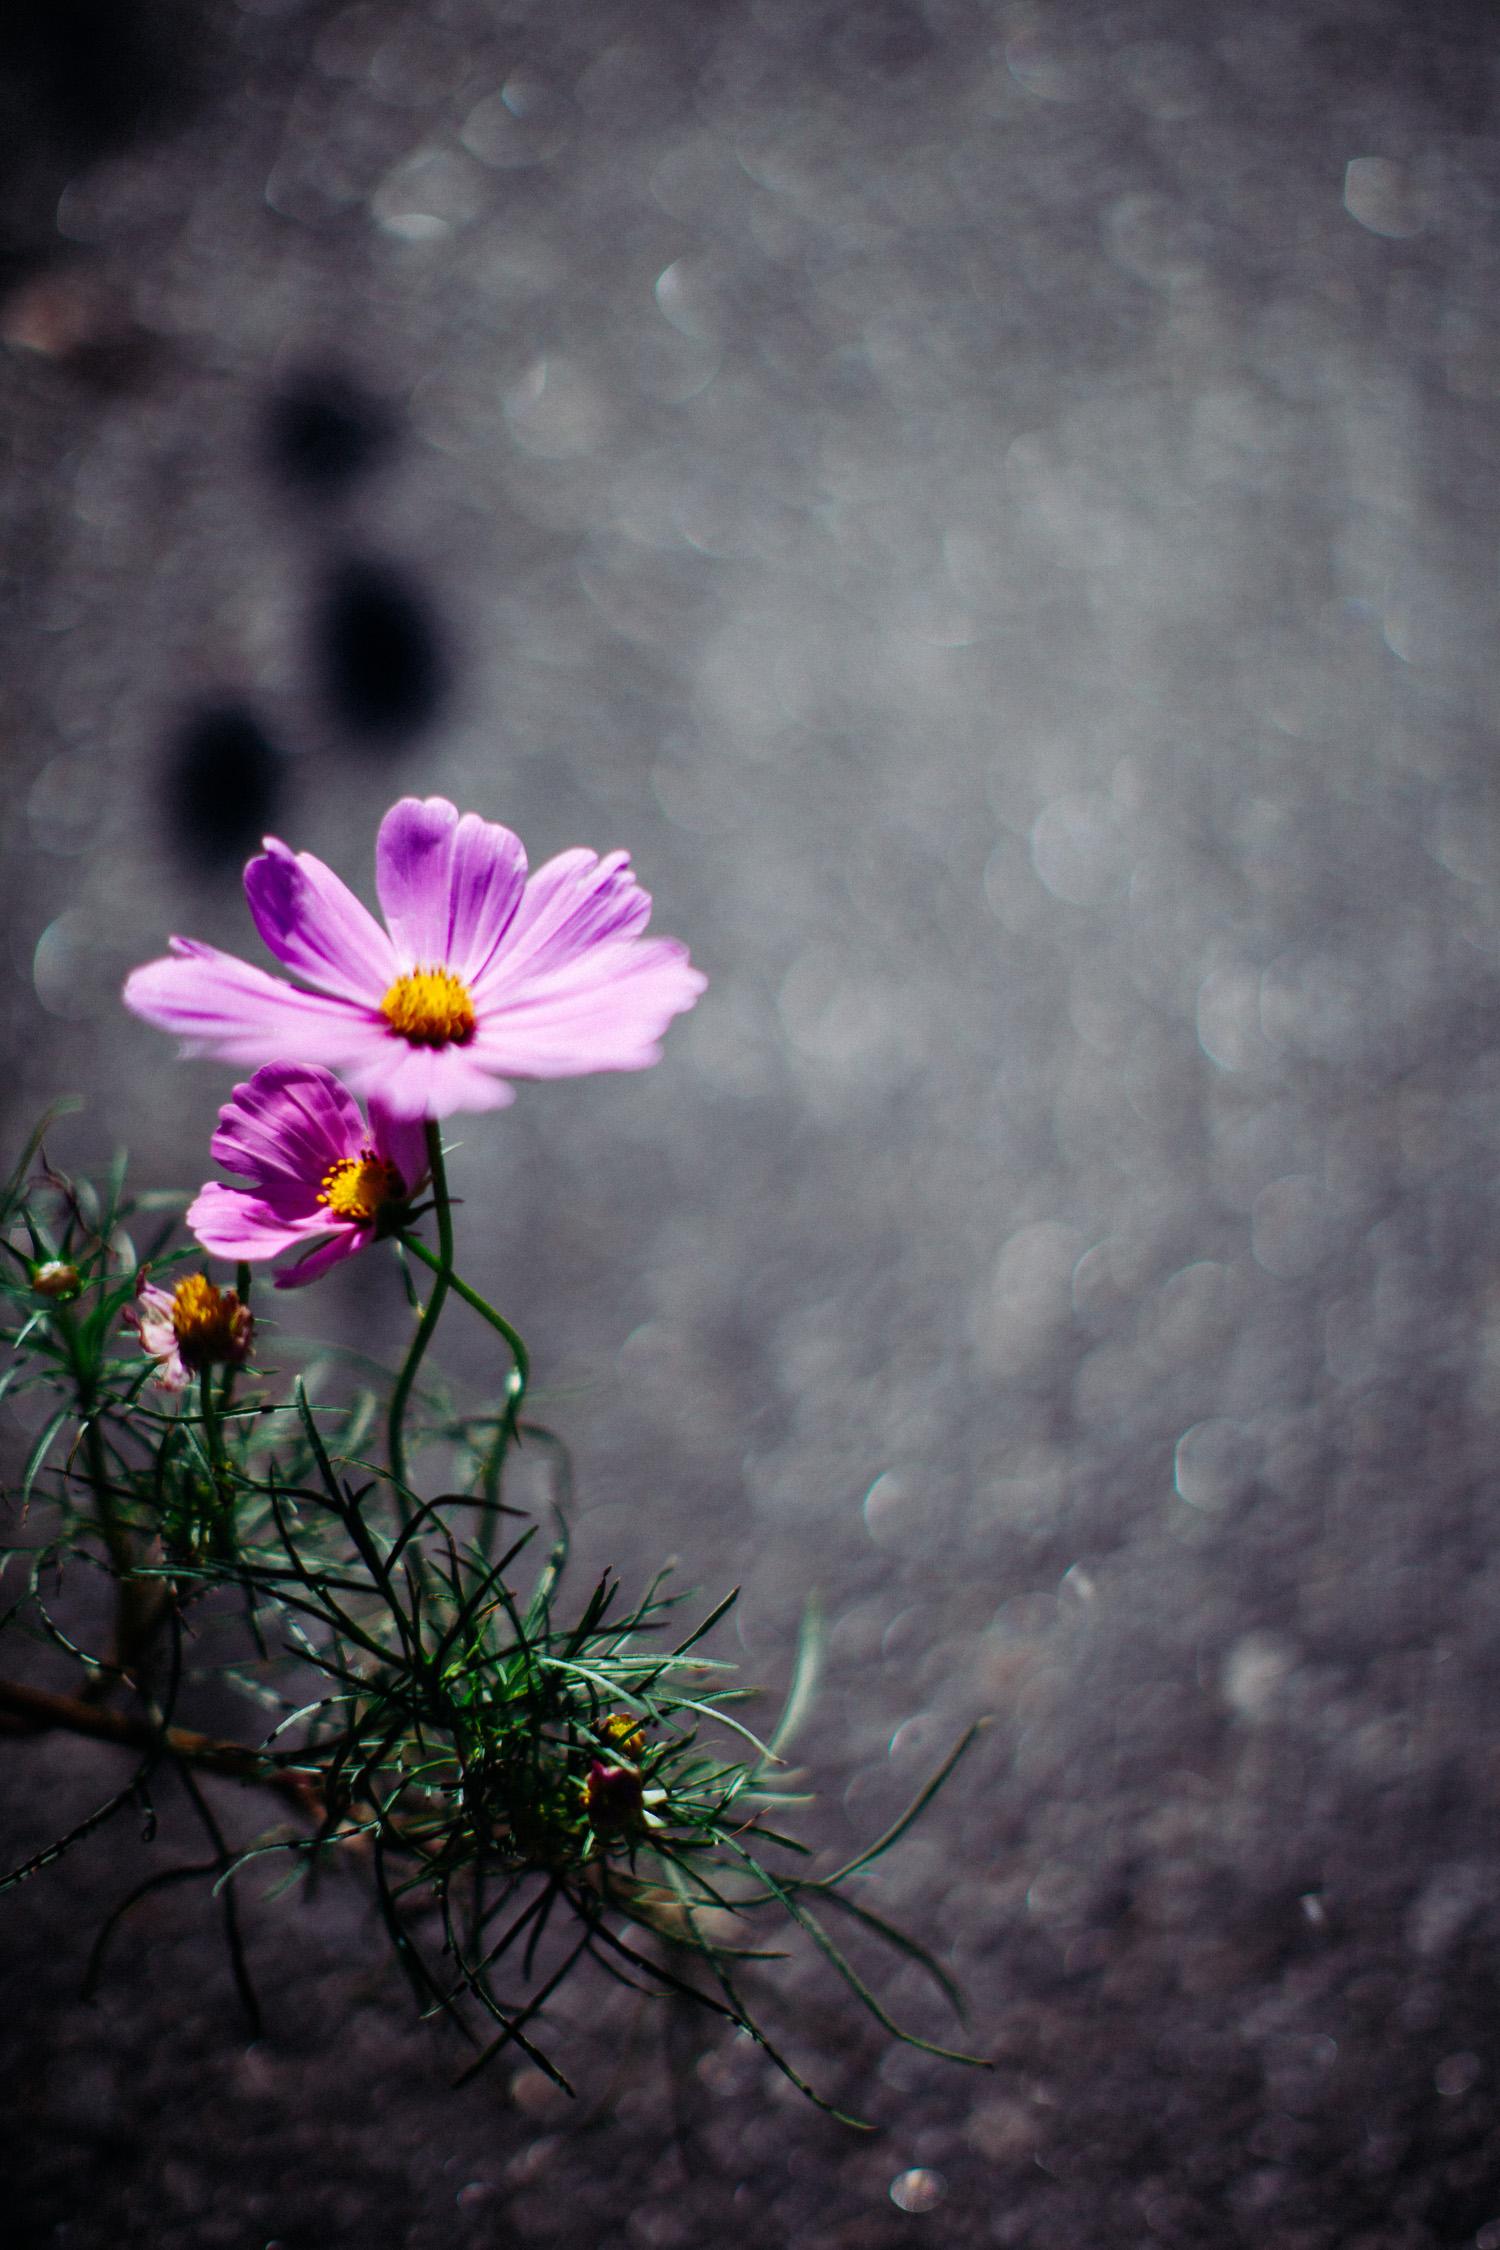 loveisallaround_almostwild-6689.jpg